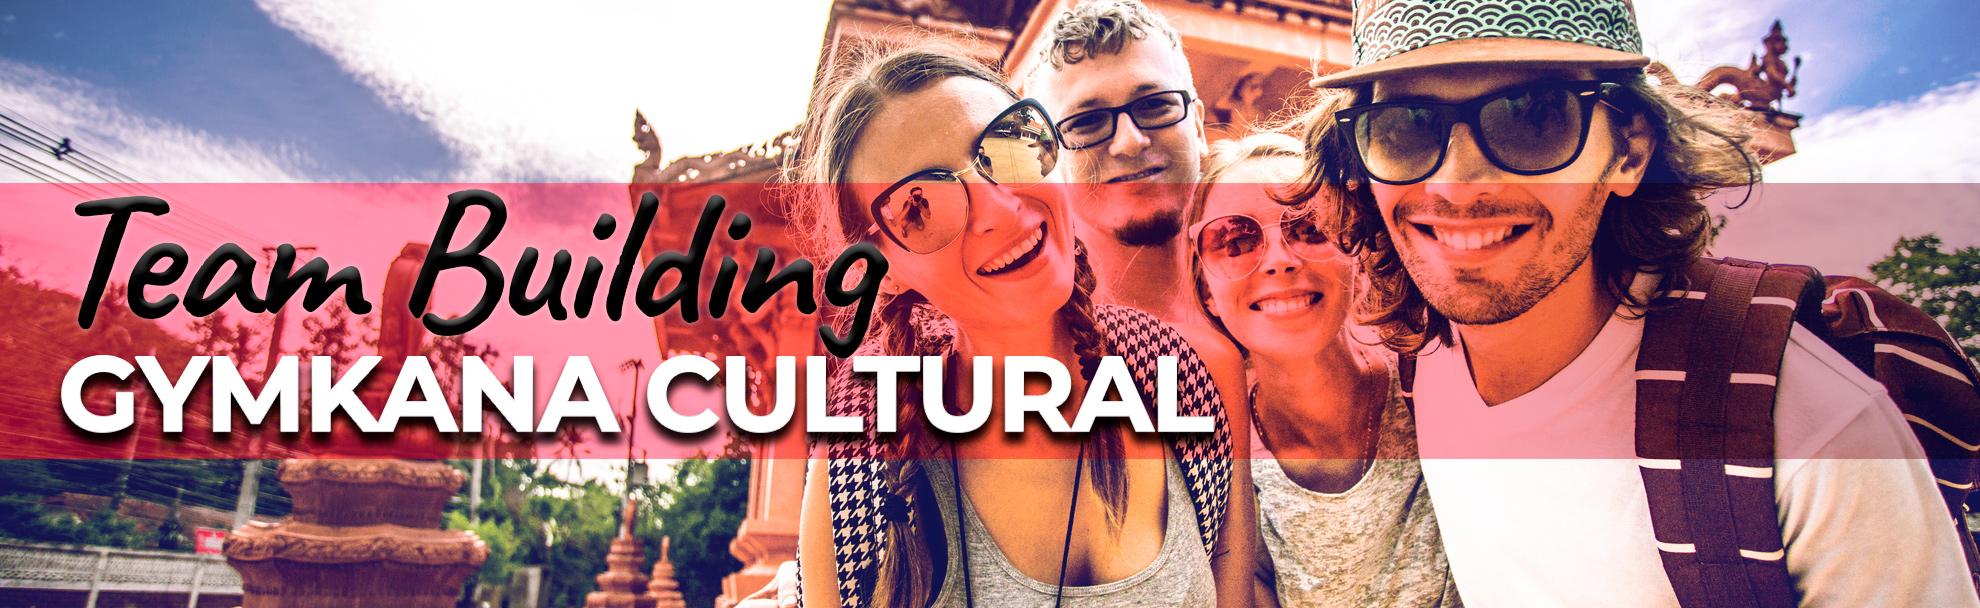 Gymkanas culturales para empresas